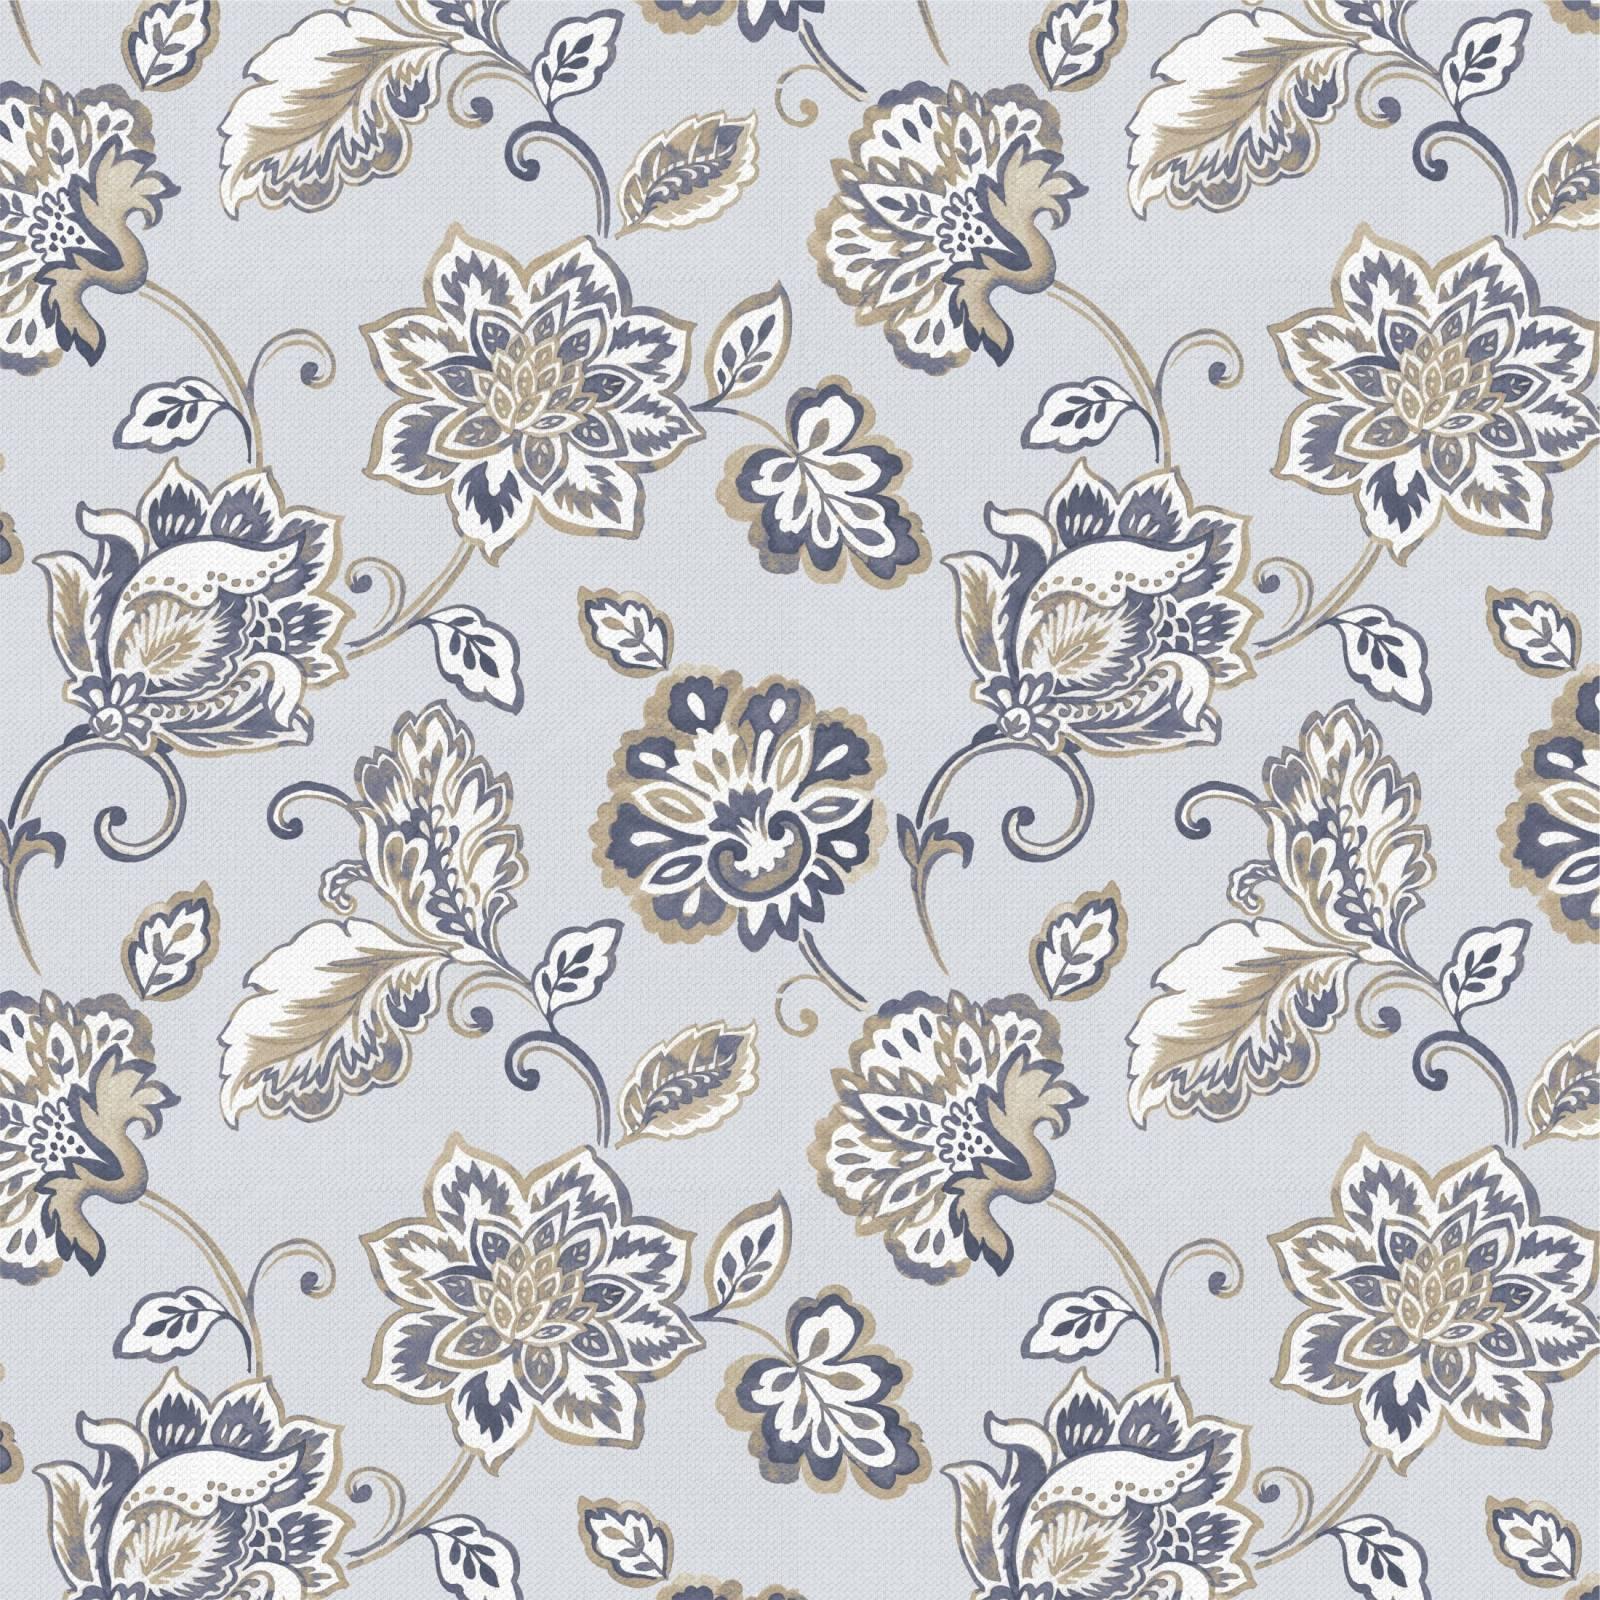 Papel de Parede Floral Indiano 2 | Adesivo Vinílico imagem 1